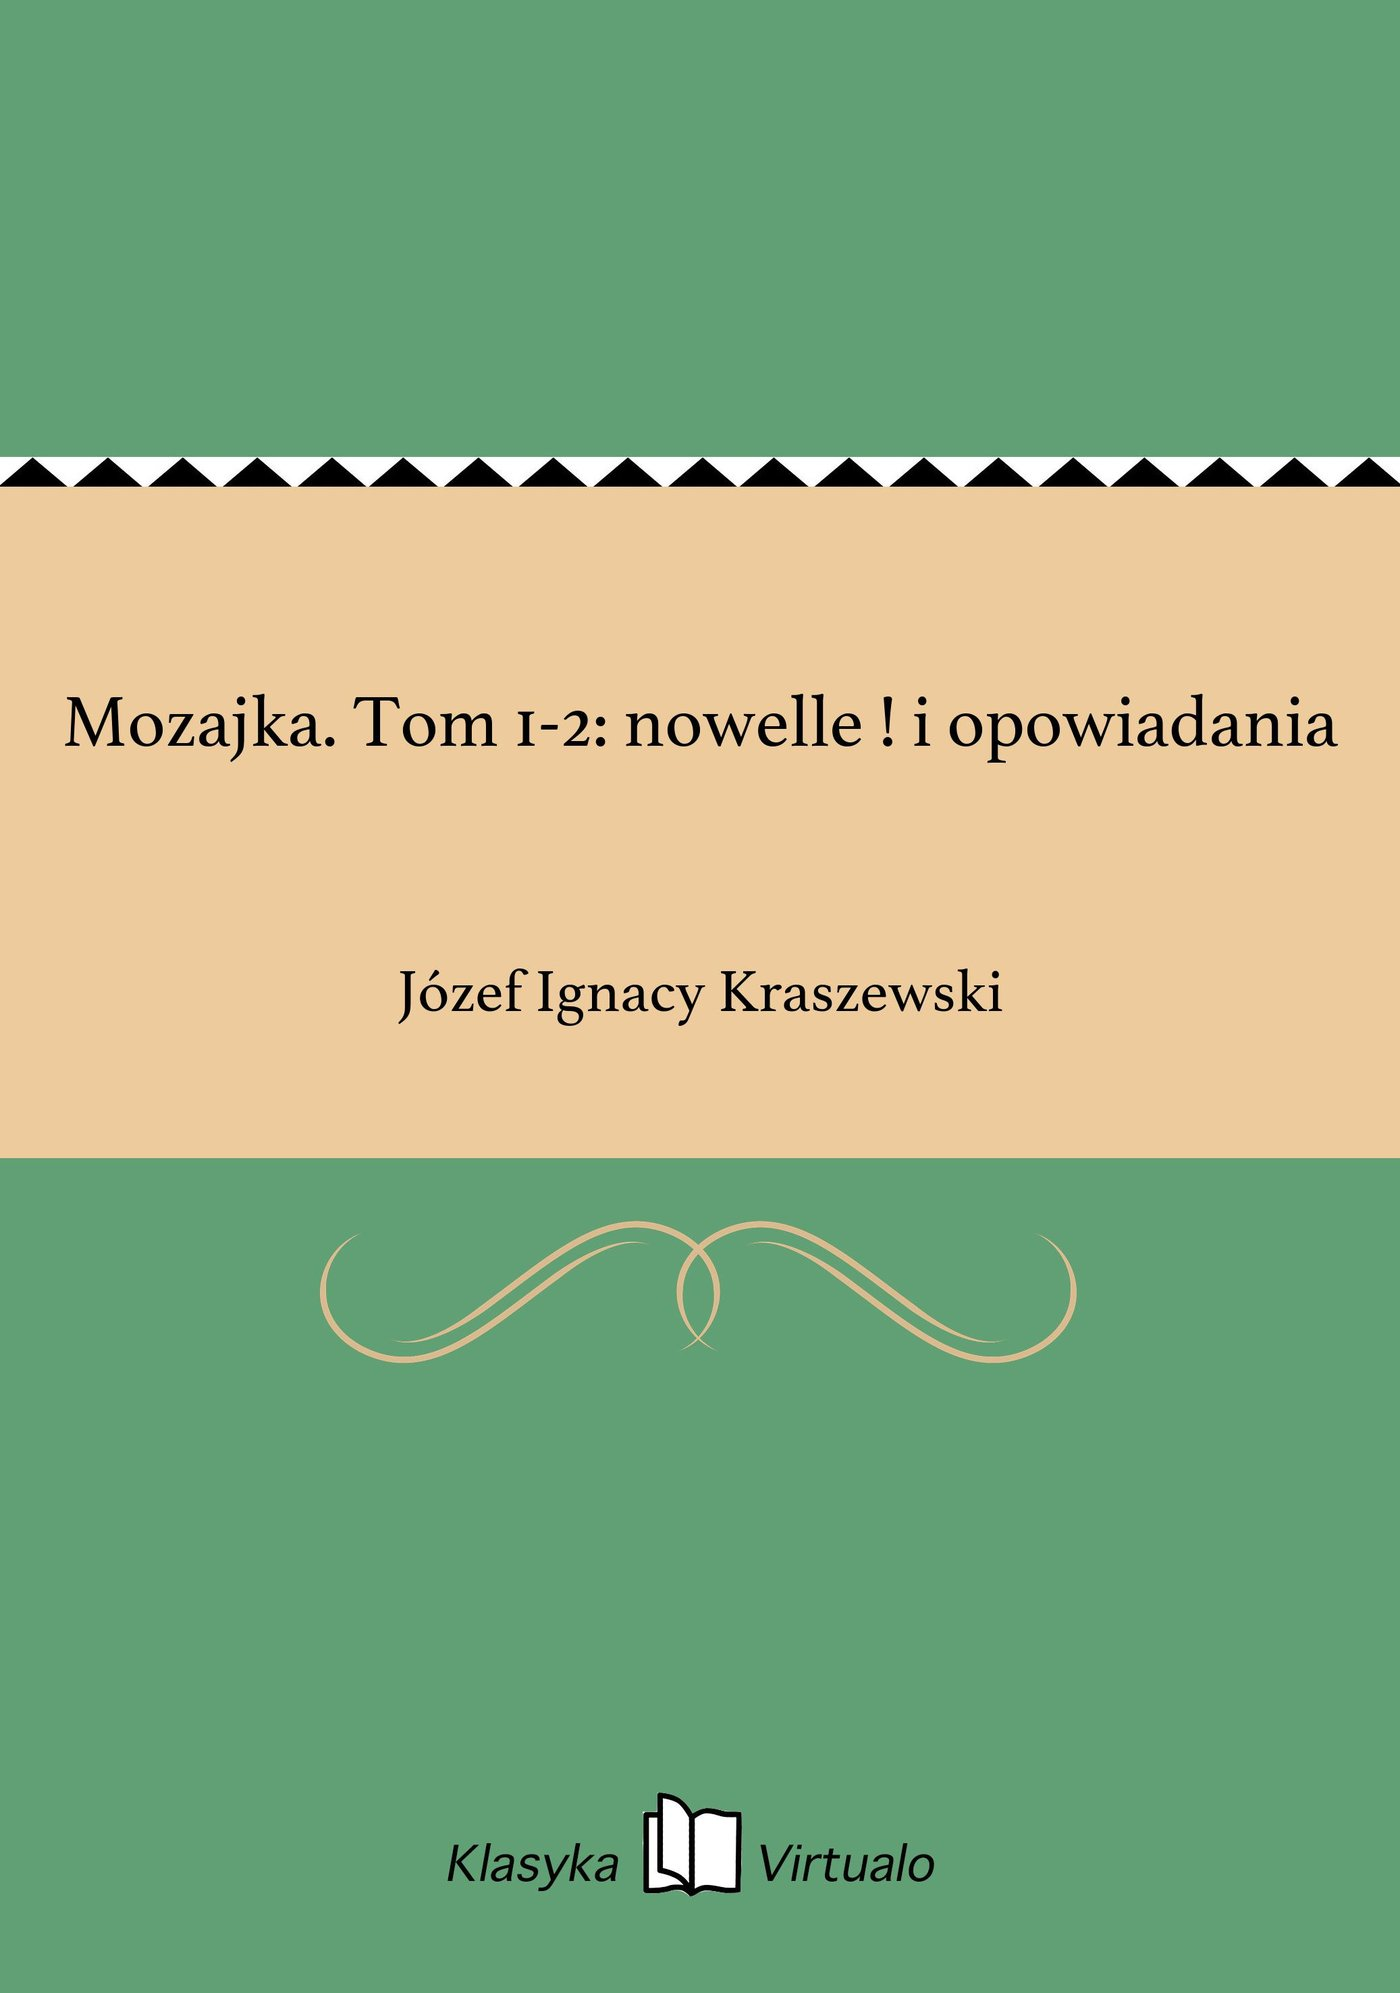 Mozajka. Tom 1-2: nowelle ! i opowiadania - Ebook (Książka na Kindle) do pobrania w formacie MOBI